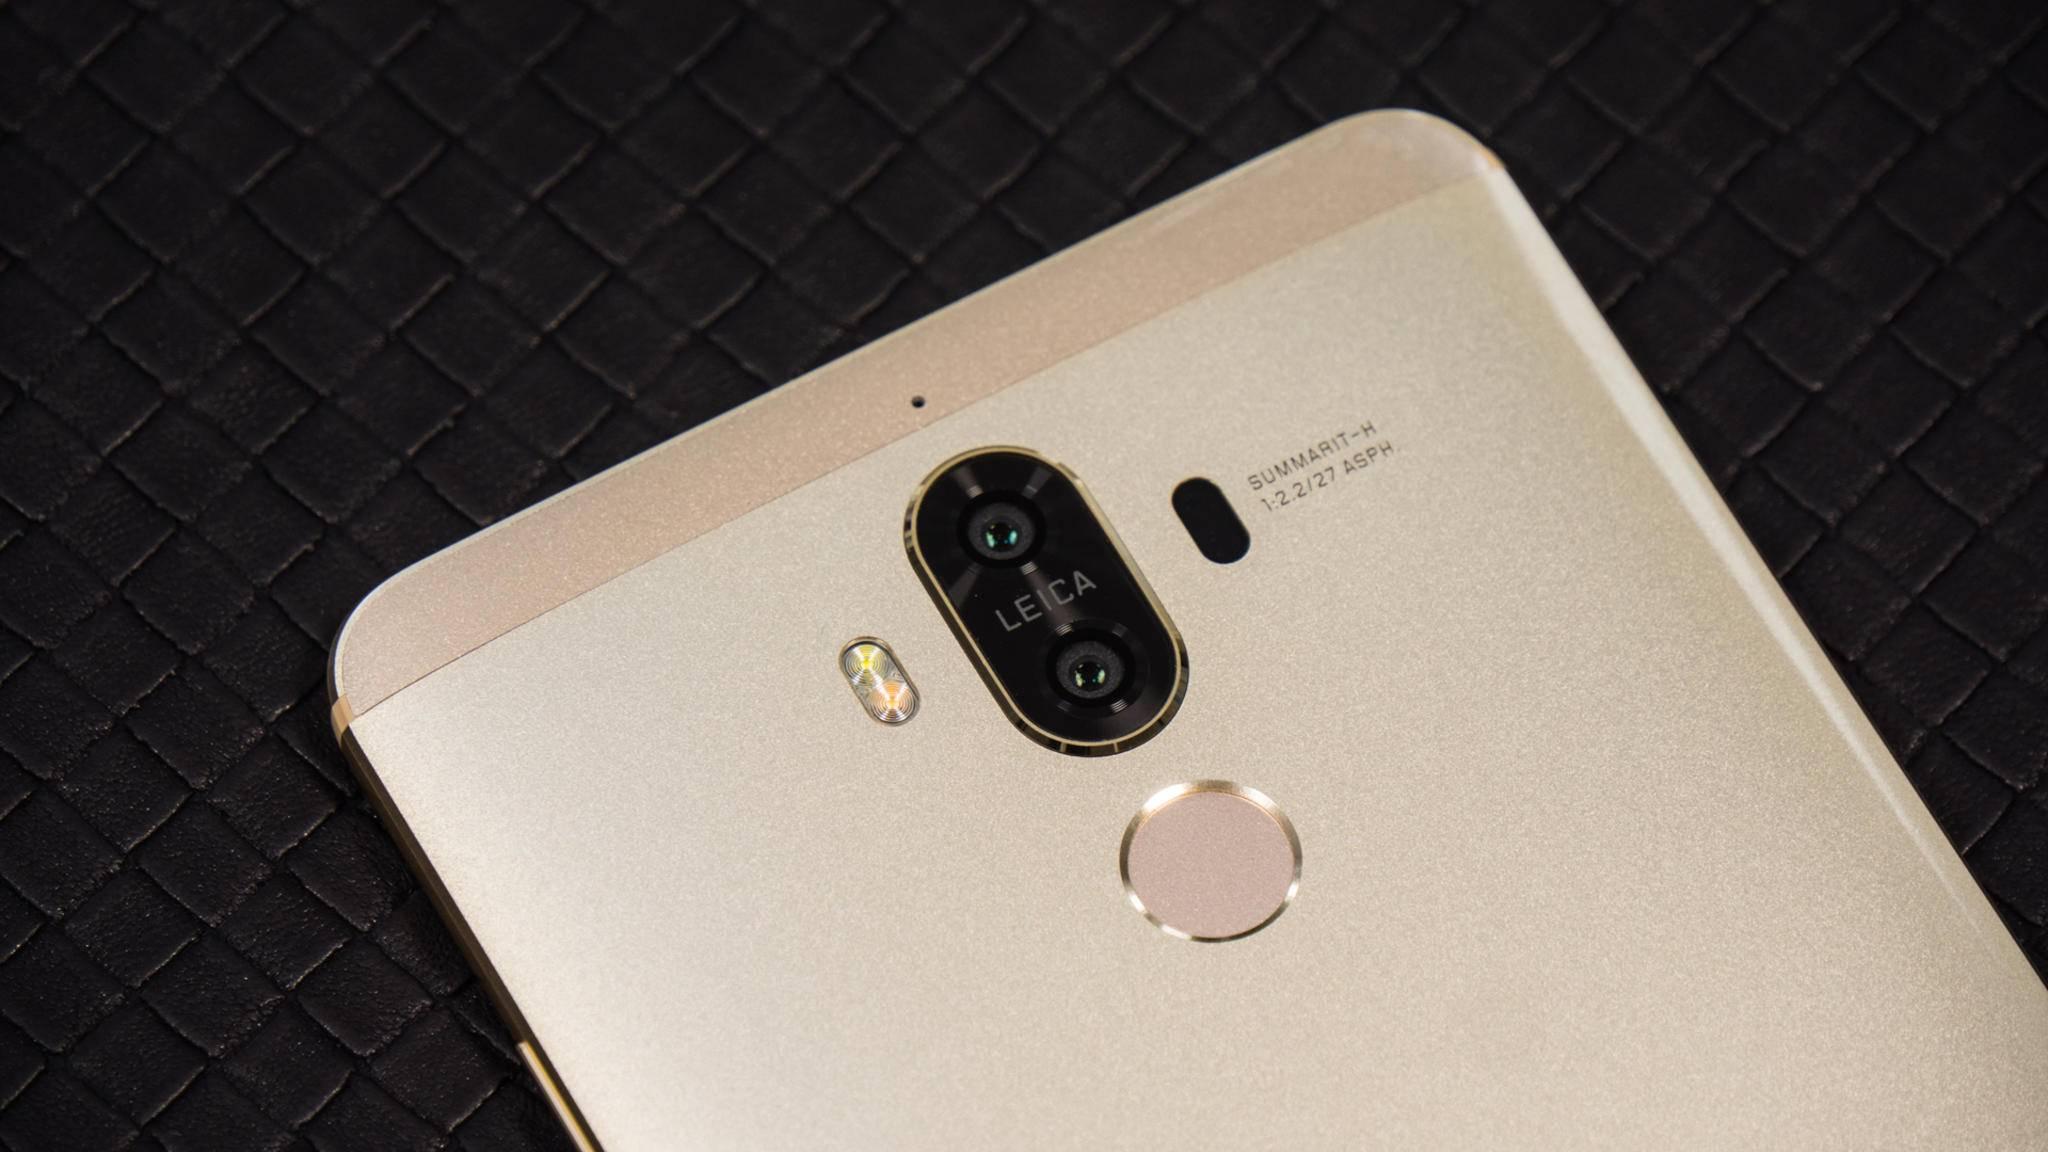 Das Huawei Mate 9 ist zweifelhafter Spitzenreiter, wenn es um die SAR-Werte geht.